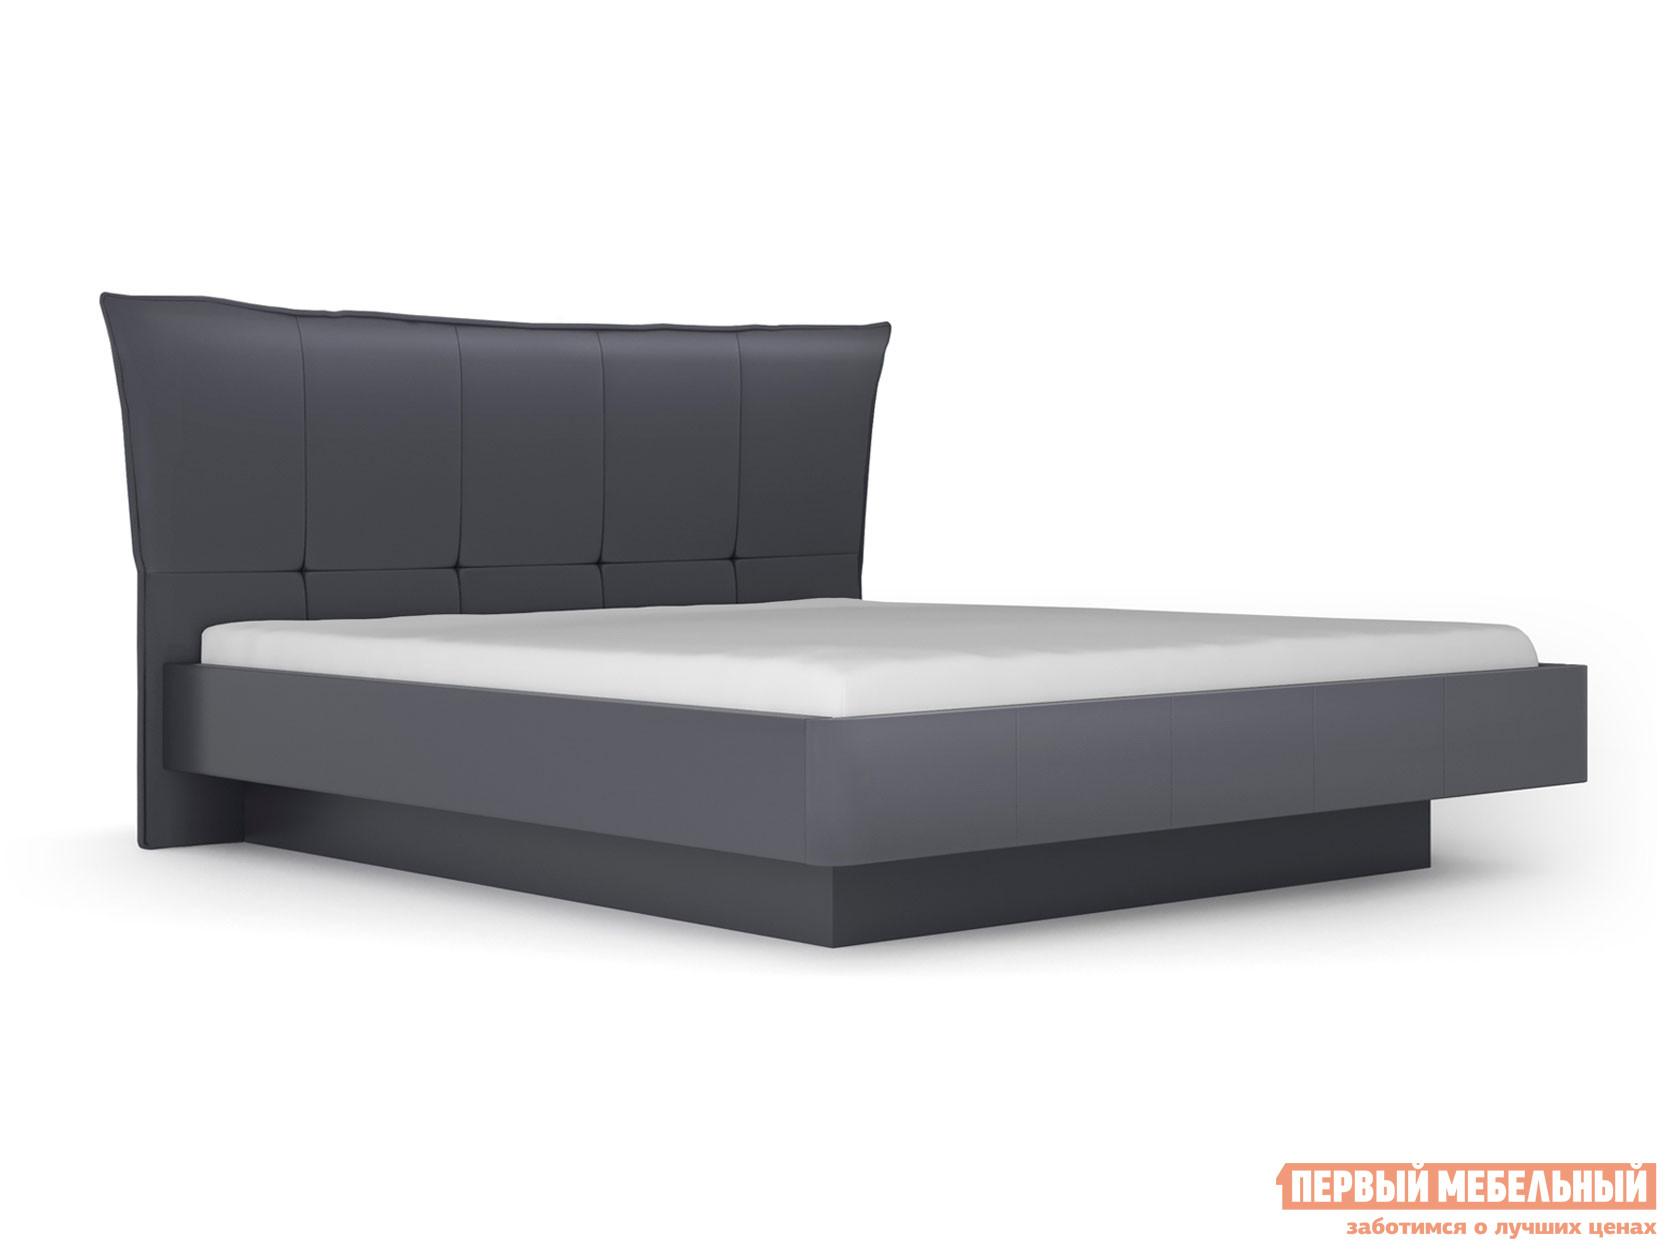 Кровать с подъемным механизмом Первый Мебельный Кровать с подъемным механизмом Вега Бавария